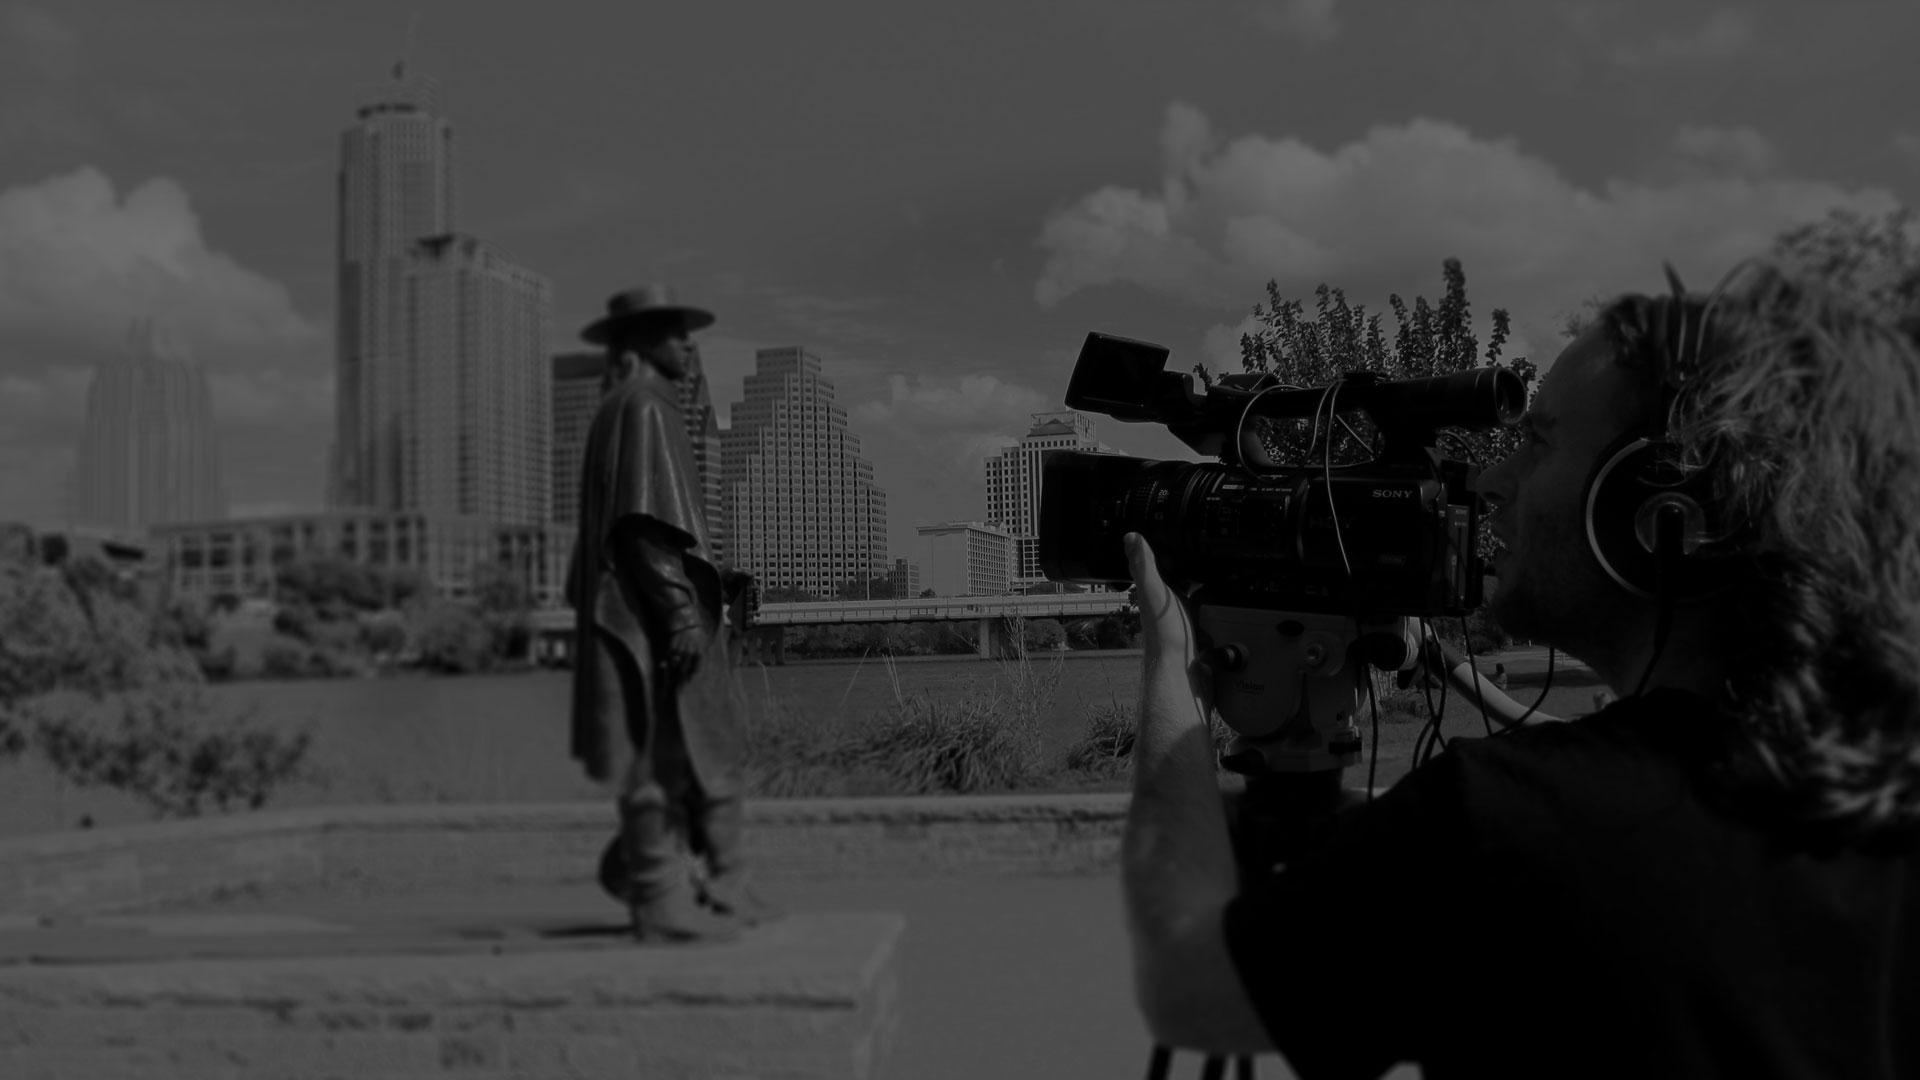 Dokumentarischer Dreh